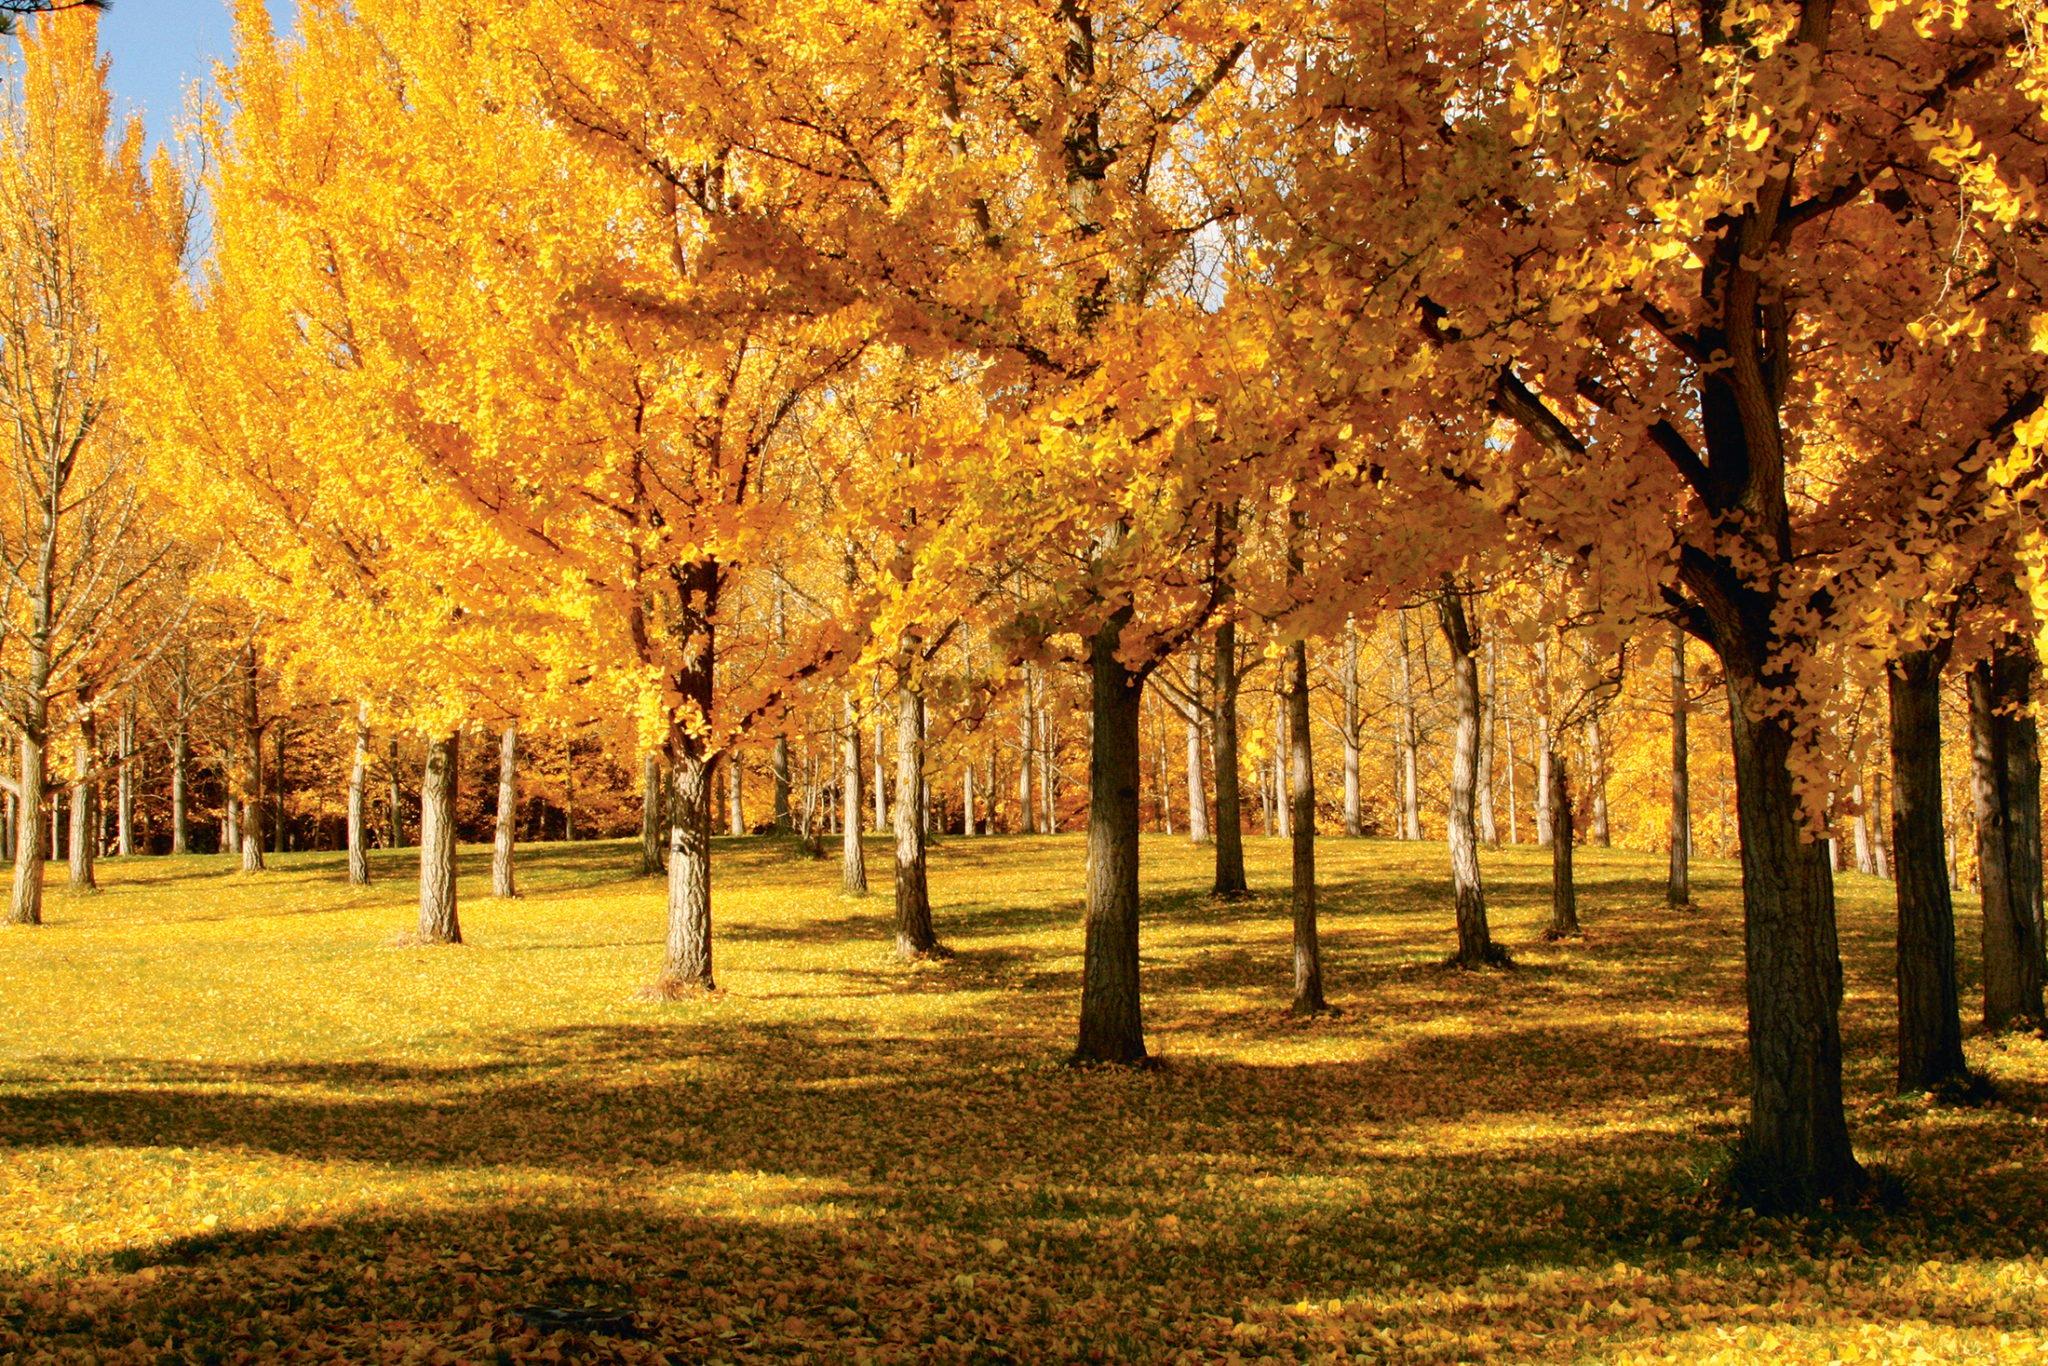 Fall Foliage in DC. Photograph by Tim Farmer/Blandy Experimental Farm.